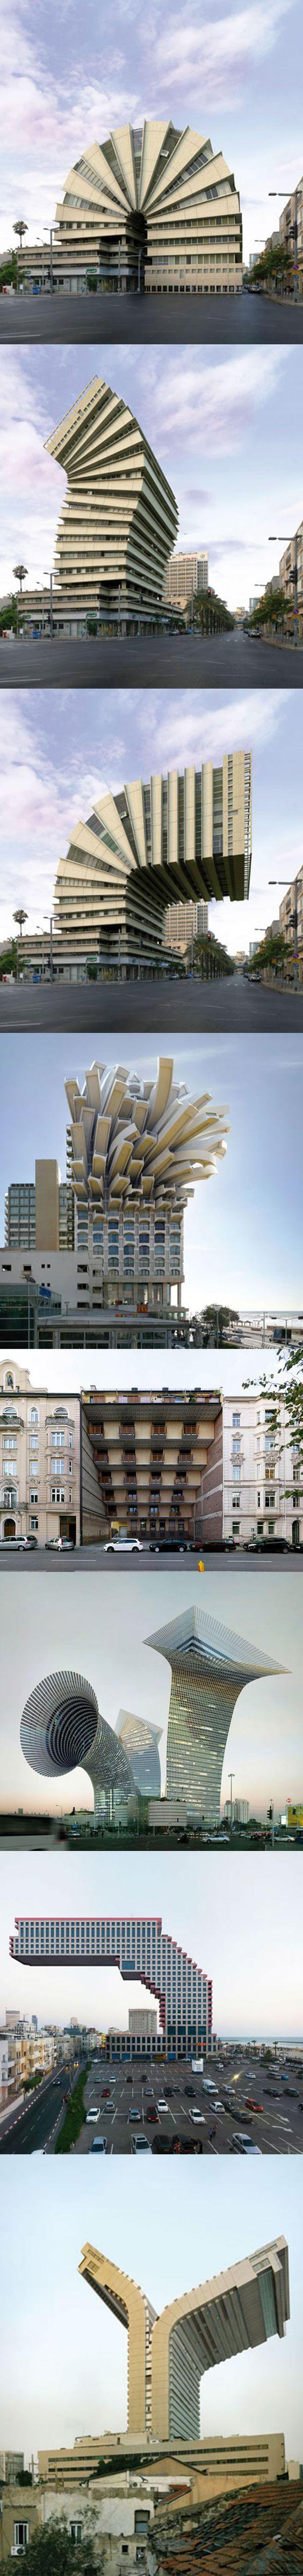 Les détournements architecturaux étonnants de Victor Enrich.